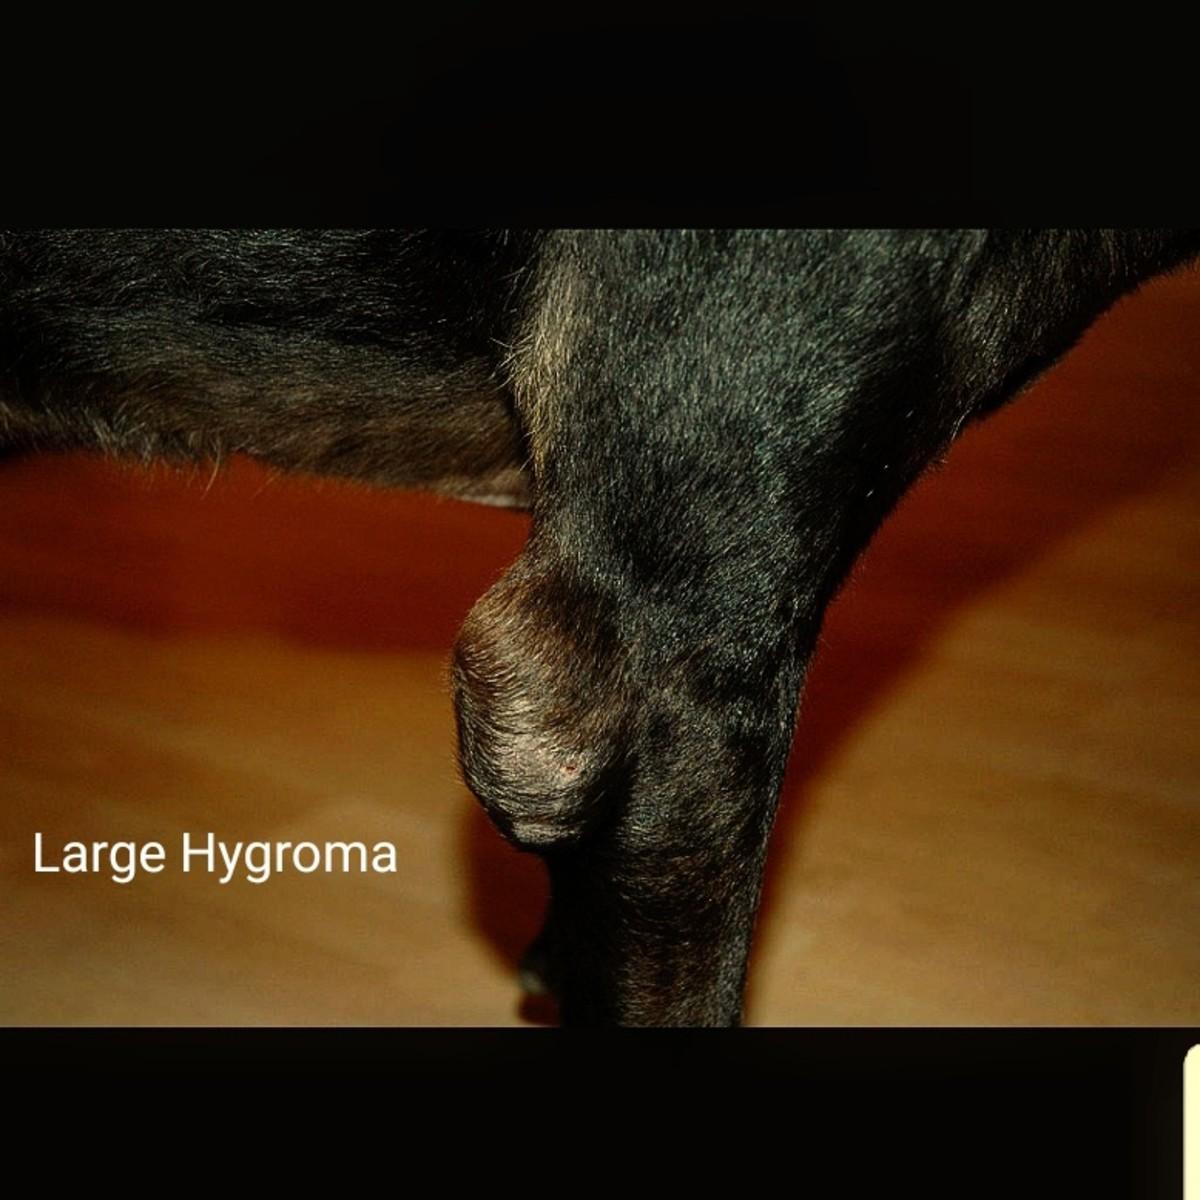 Large Hygroma on Dog's Elbow